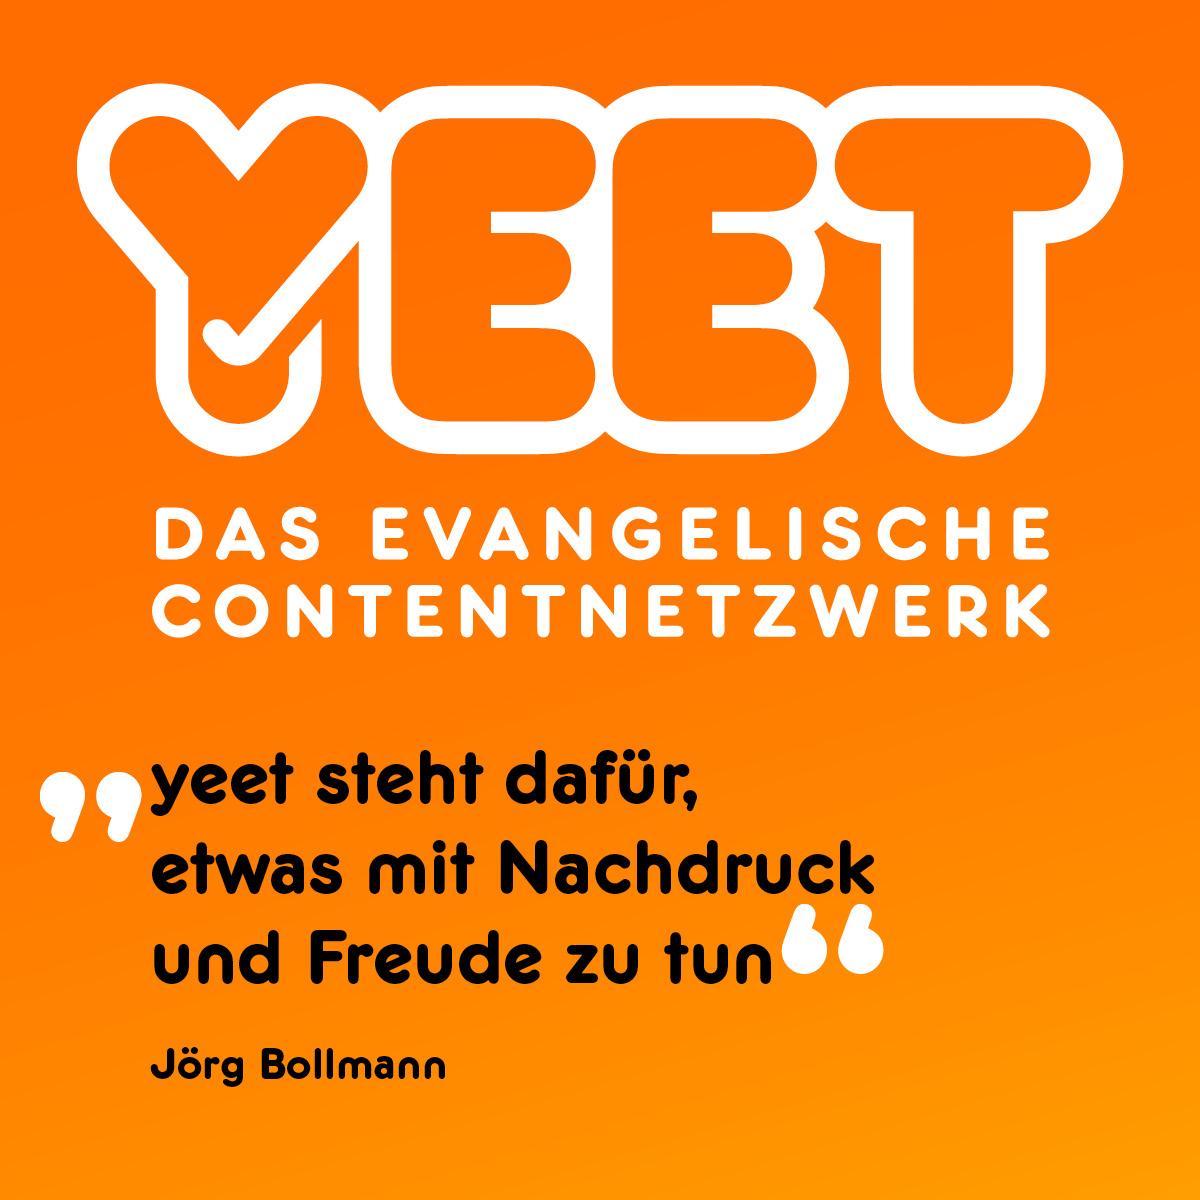 Mit #yeet soll die Vielfalt des christlichen Glaubens abgebildet werden. #Sinnfluencer #glaube #socialmedia #contentnetzwerk Mehr zu yeet: https://chrismon.de/node/48326pic.twitter.com/PkSV91NRUT